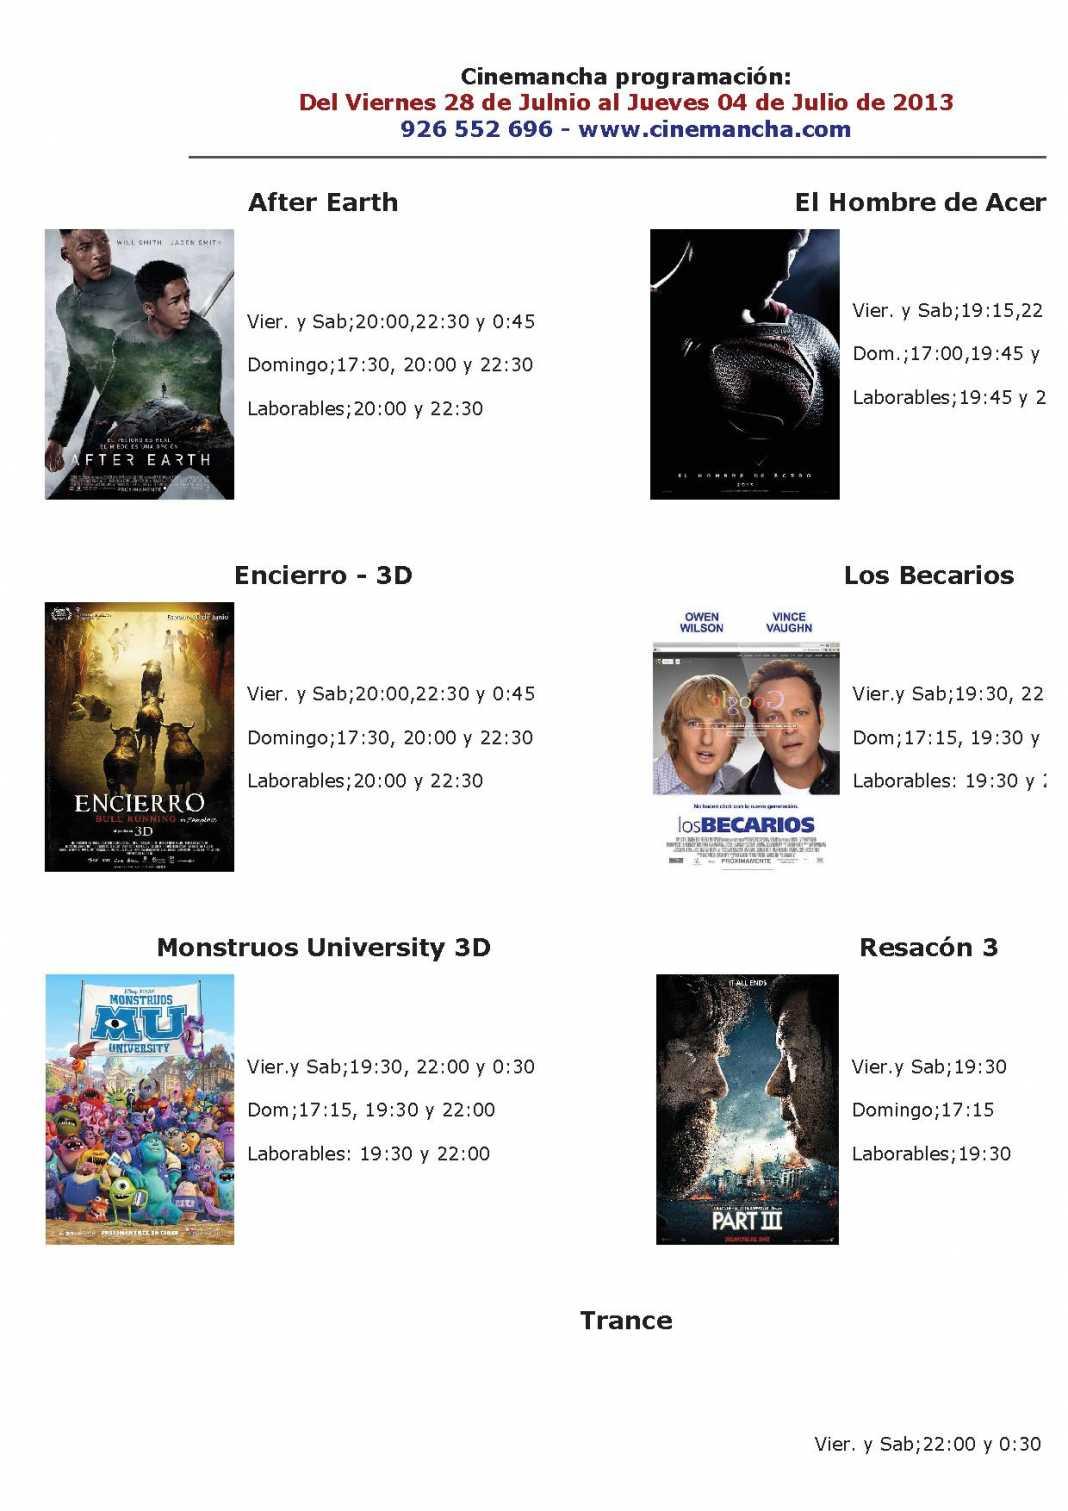 cartelera de cinemancha del 28 06 al 04 07 1068x1511 - Programación Cinemancha del 28 de junio al 4 de julio